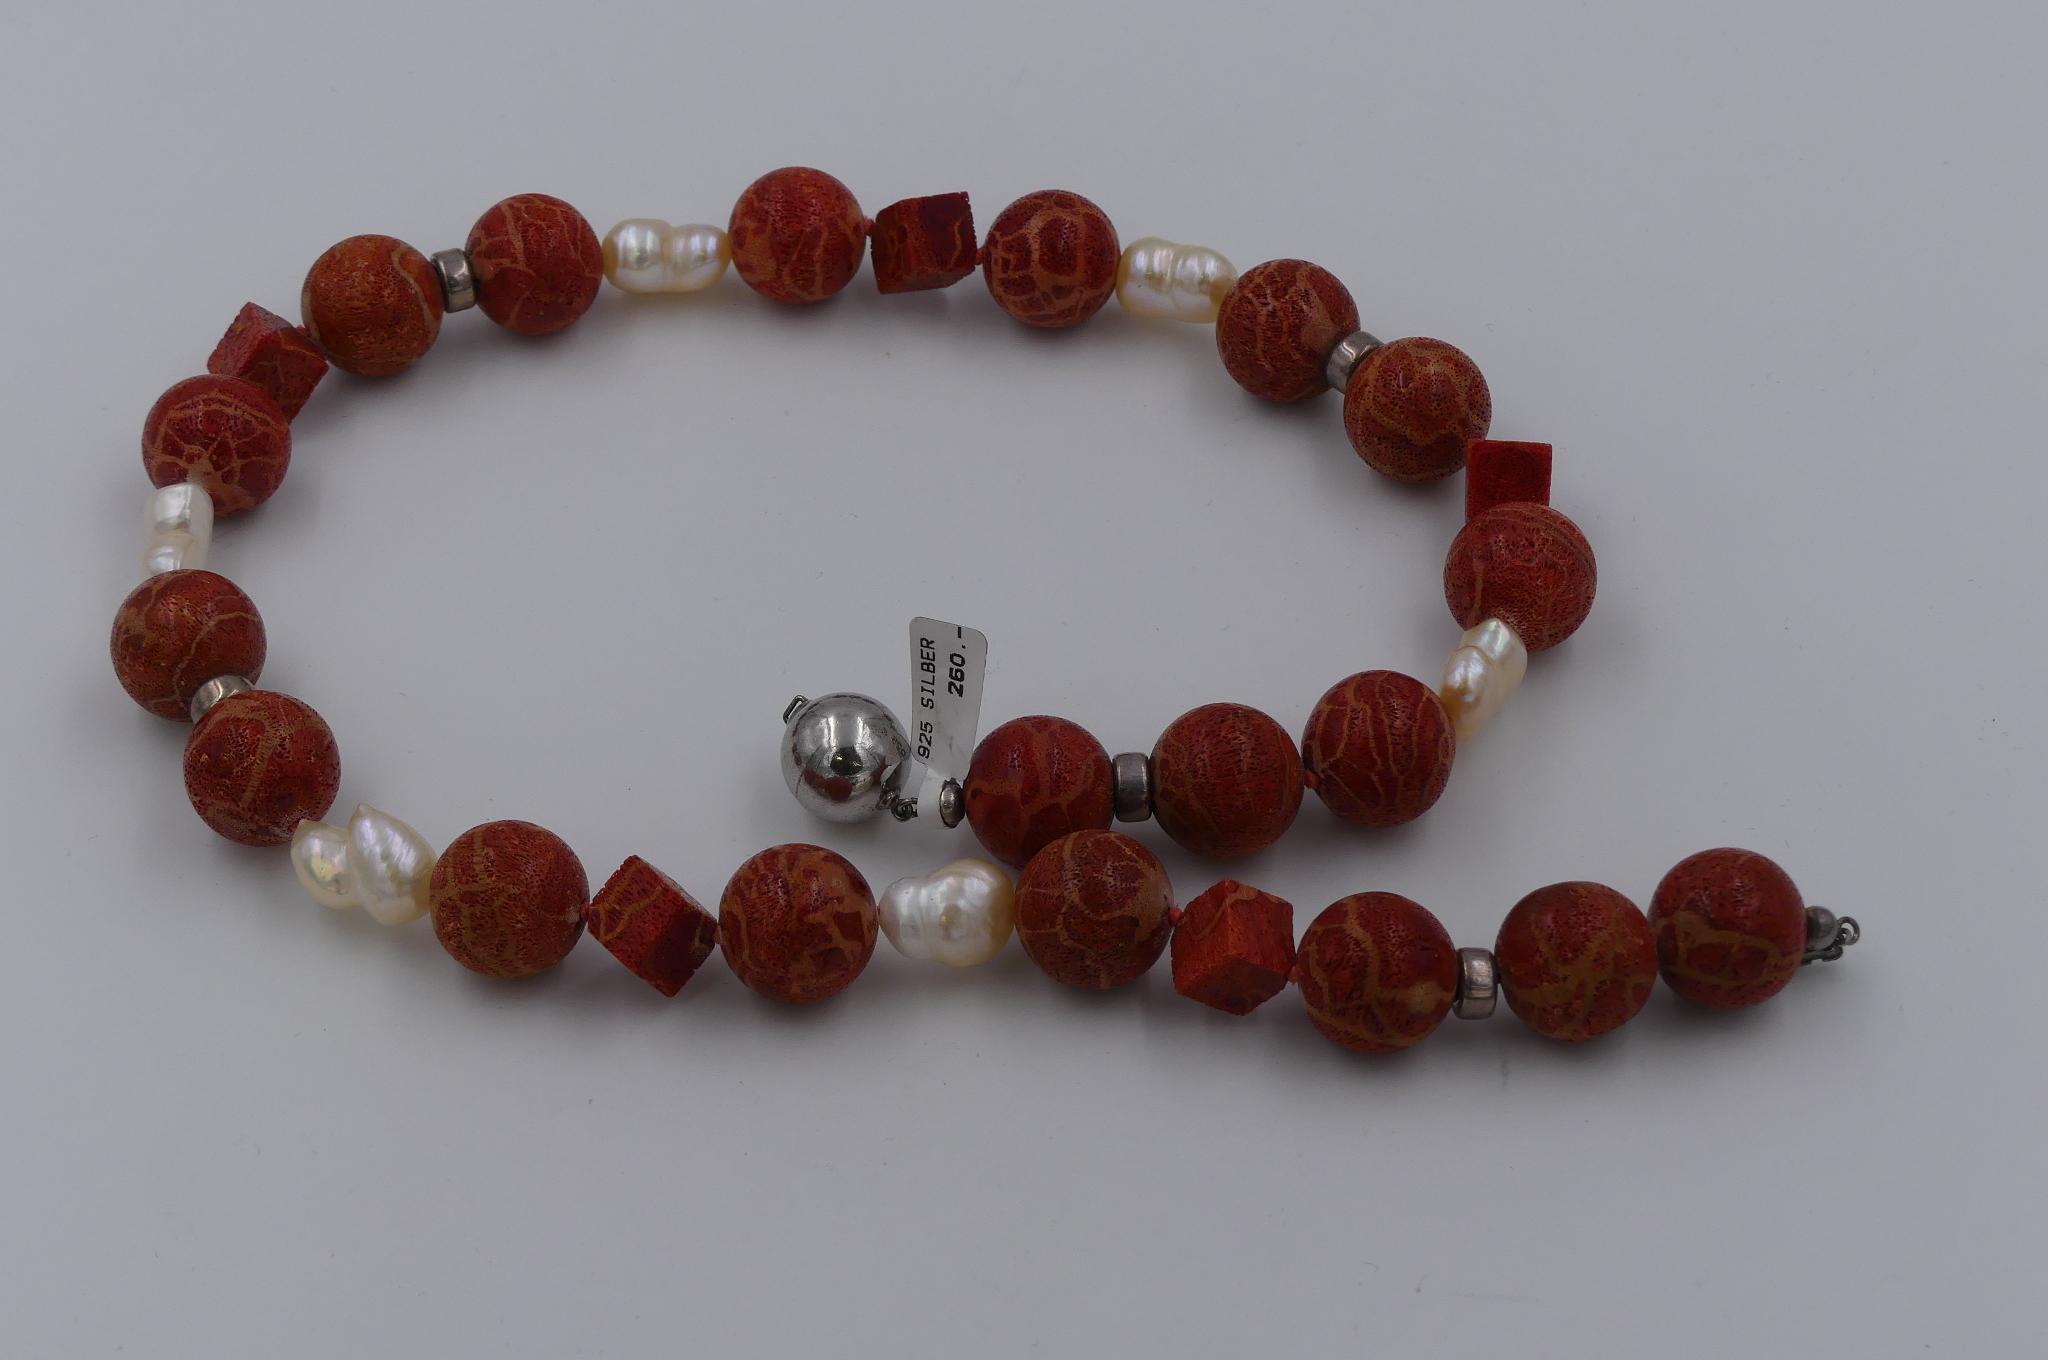 Schaumkorallenkette mit Silberschließe